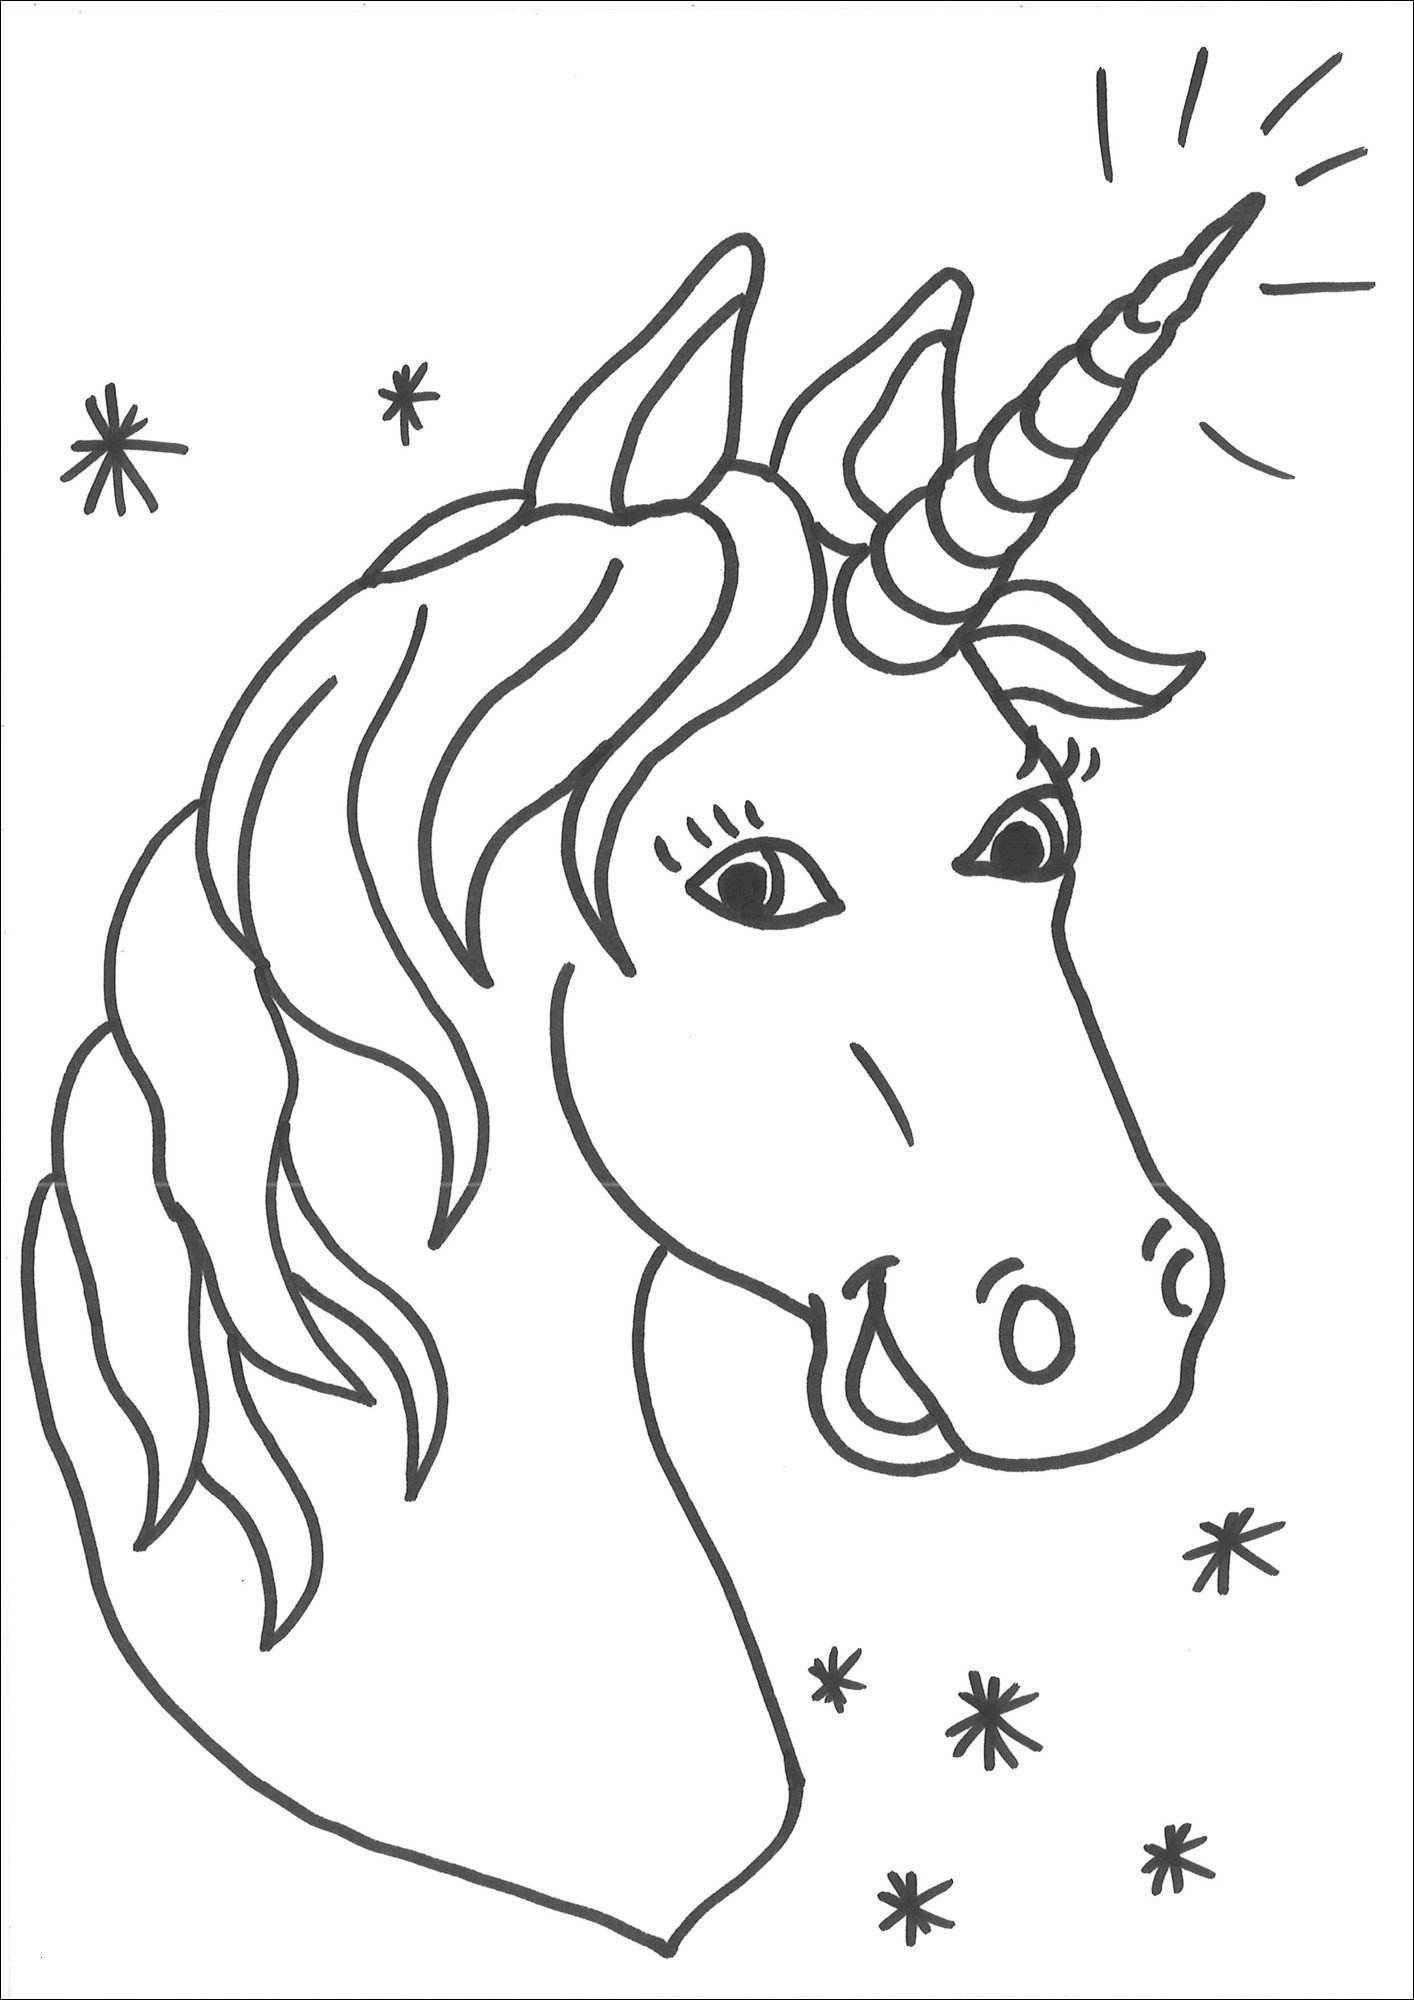 Ausmalbilder Einhorn Mit Fee Neu Malvorlagen Erwachsene Pferd Vorstellung 35 Ausmalbilder Einhorn Mit Fotografieren